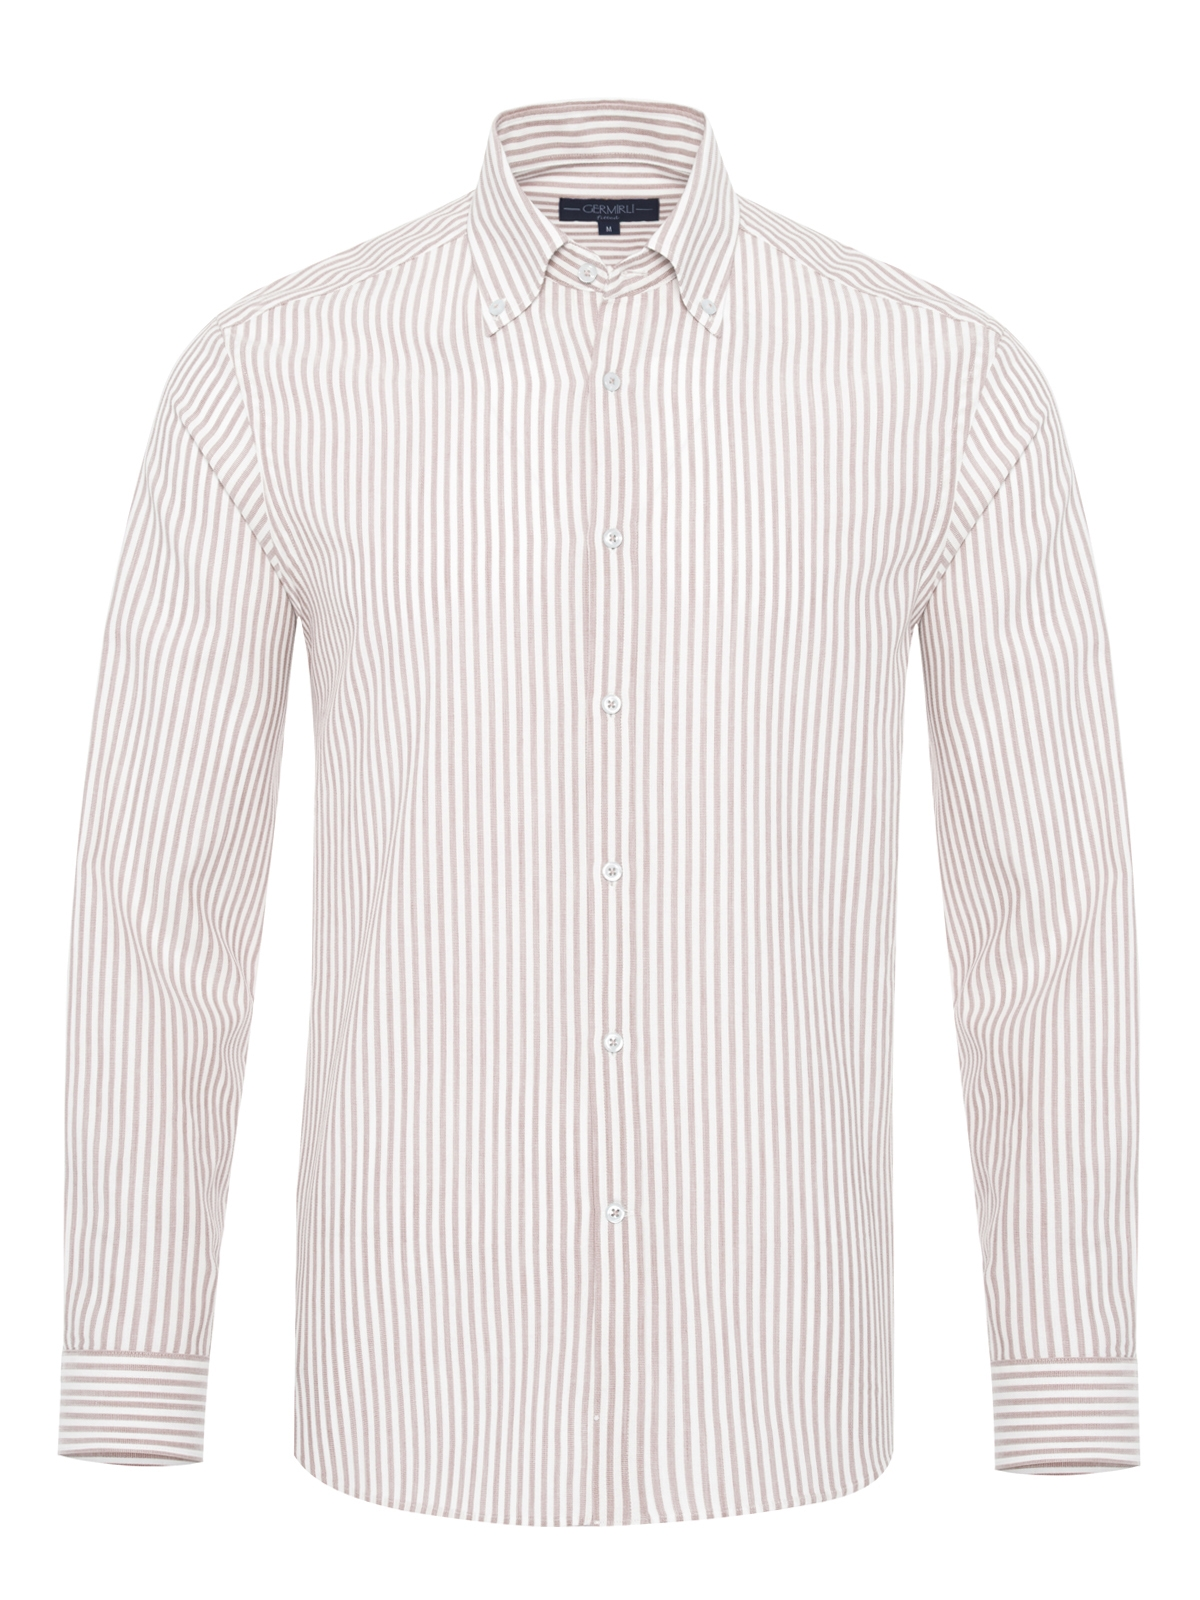 Germirli - Germirli Beyaz Bej Petek Doku Çizgili Düğmeli Yaka Tailor Fit Gömlek